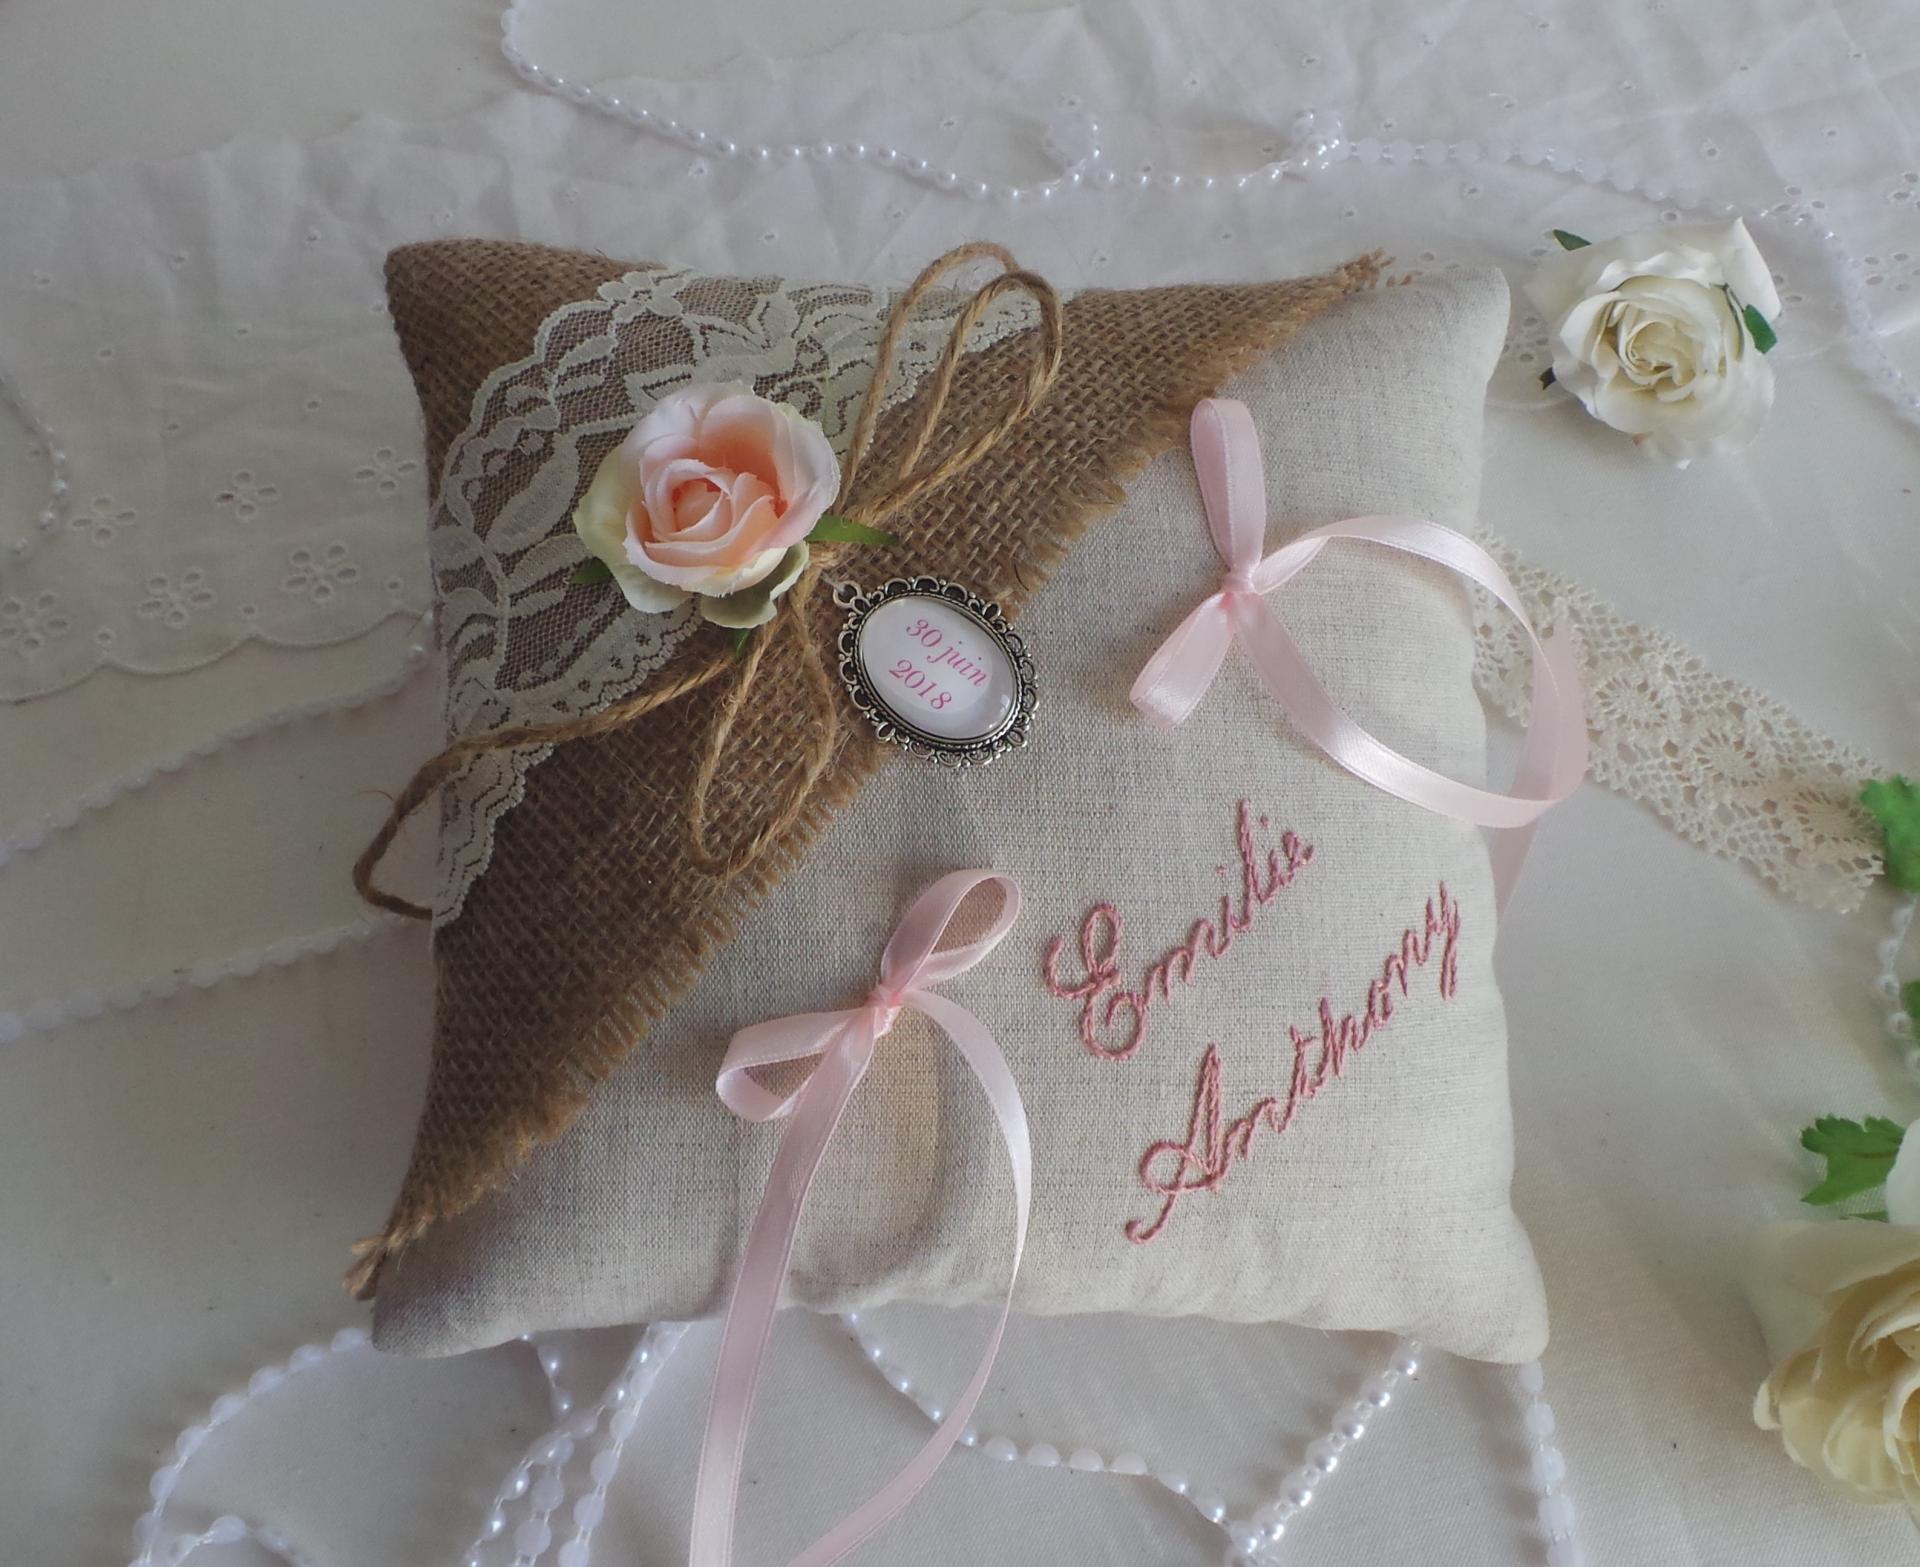 Coussin alliance jute lin et dentelle mariage champetre rose 2